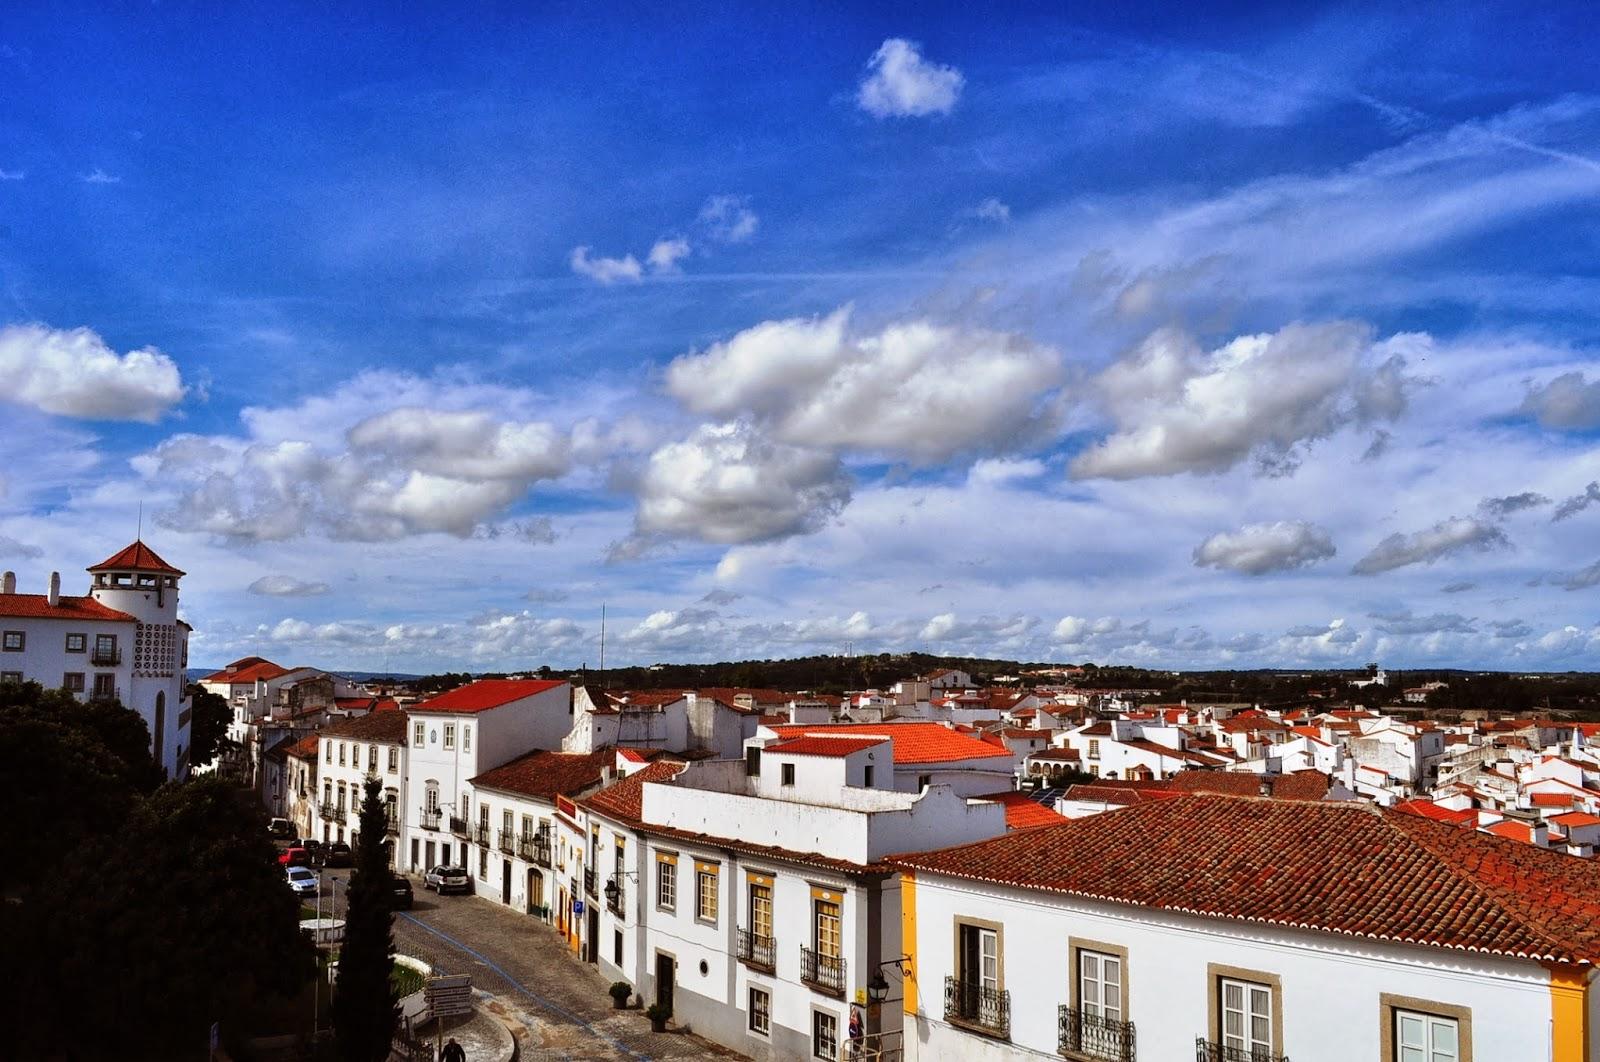 Евора е един от най- античните градове в Португалия с над 2000 -годишна история